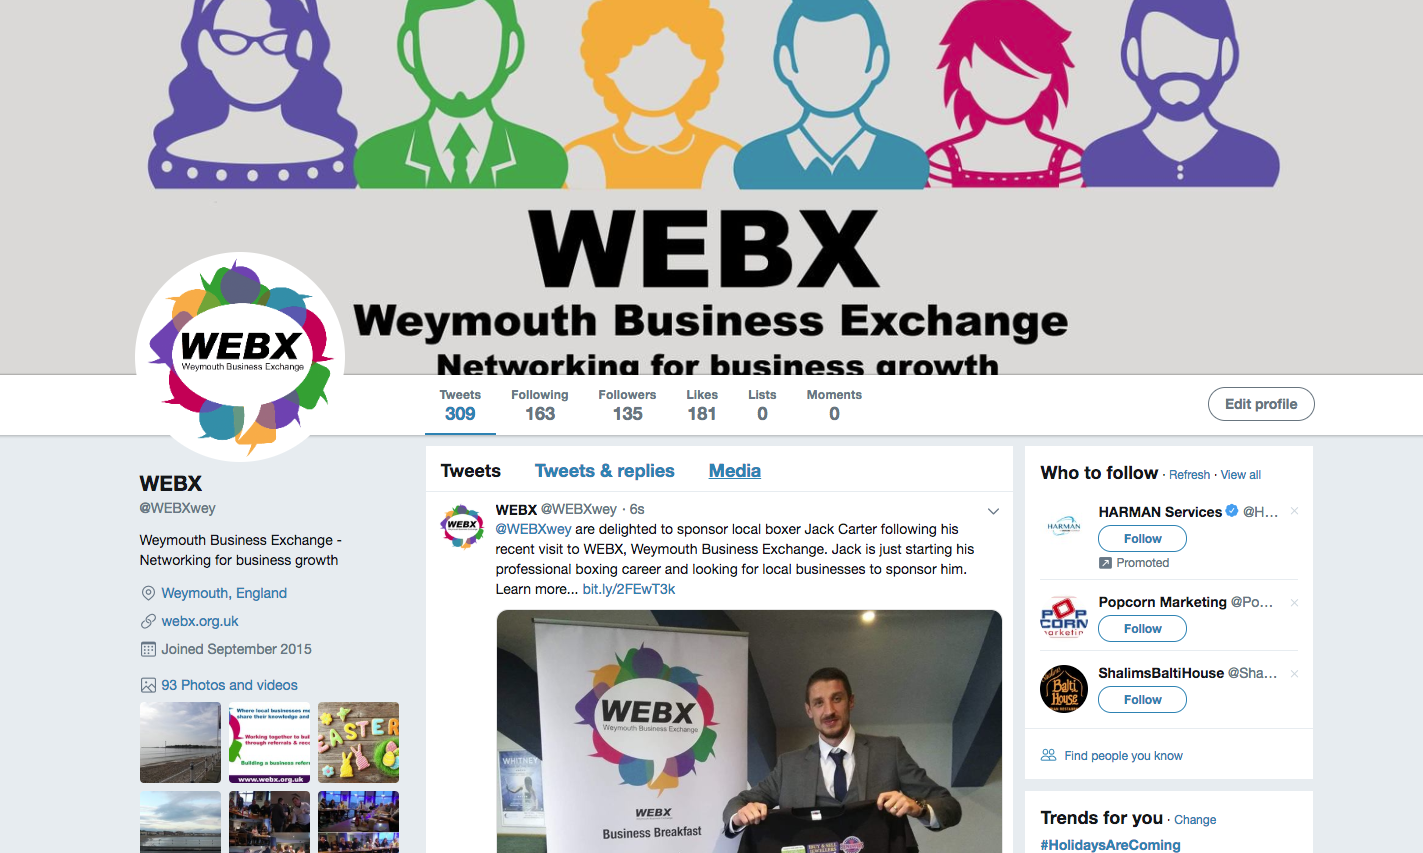 WEBX Weymouth Business Exchange Networki